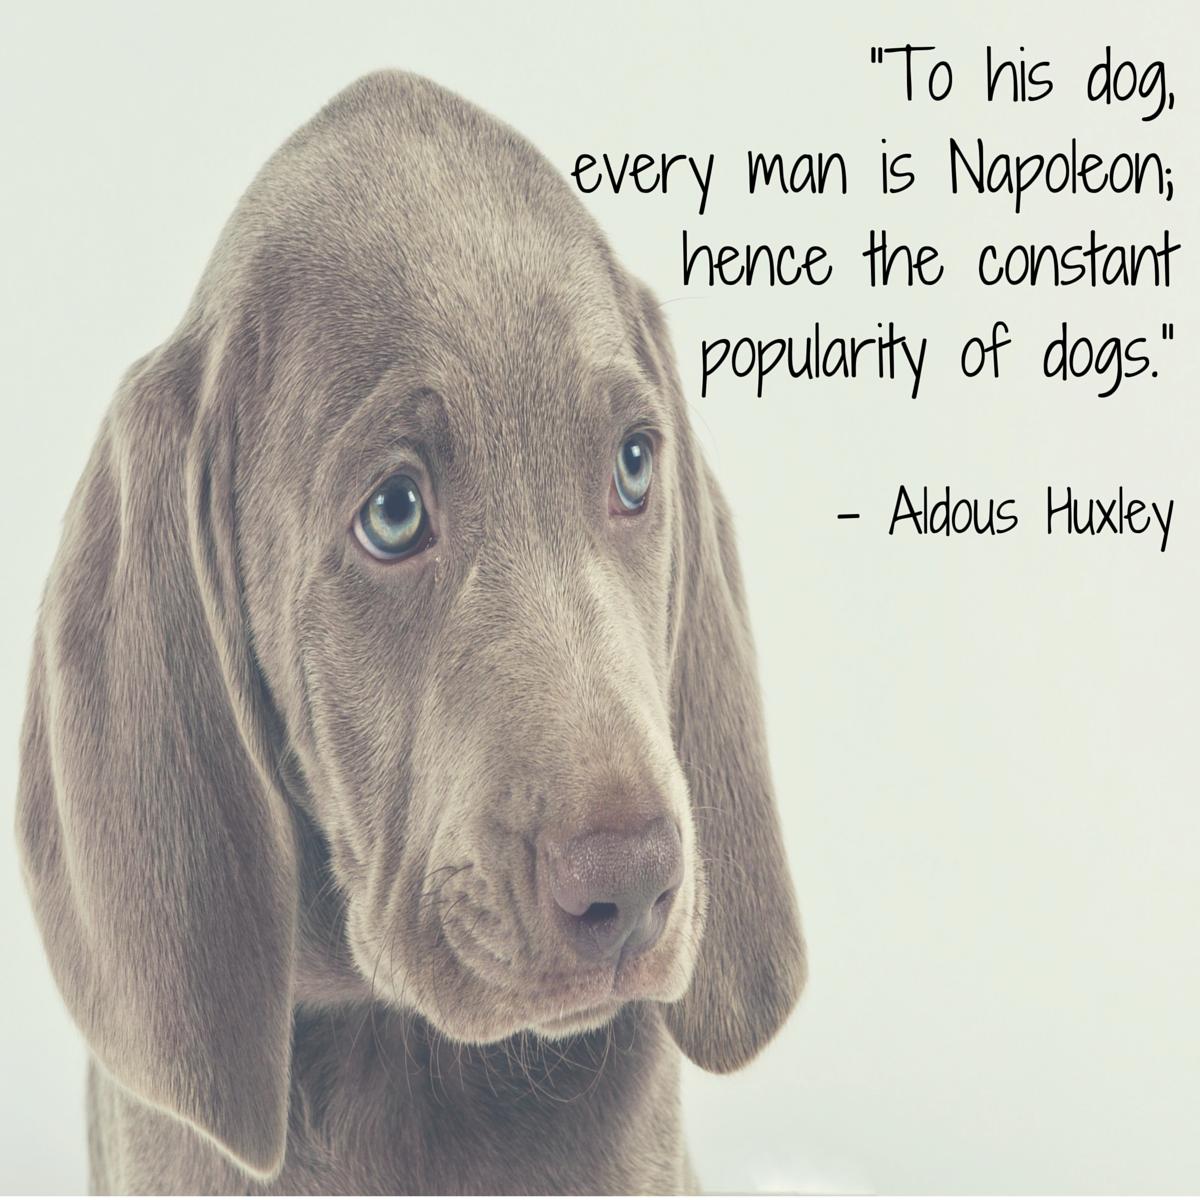 cita de perro huxley